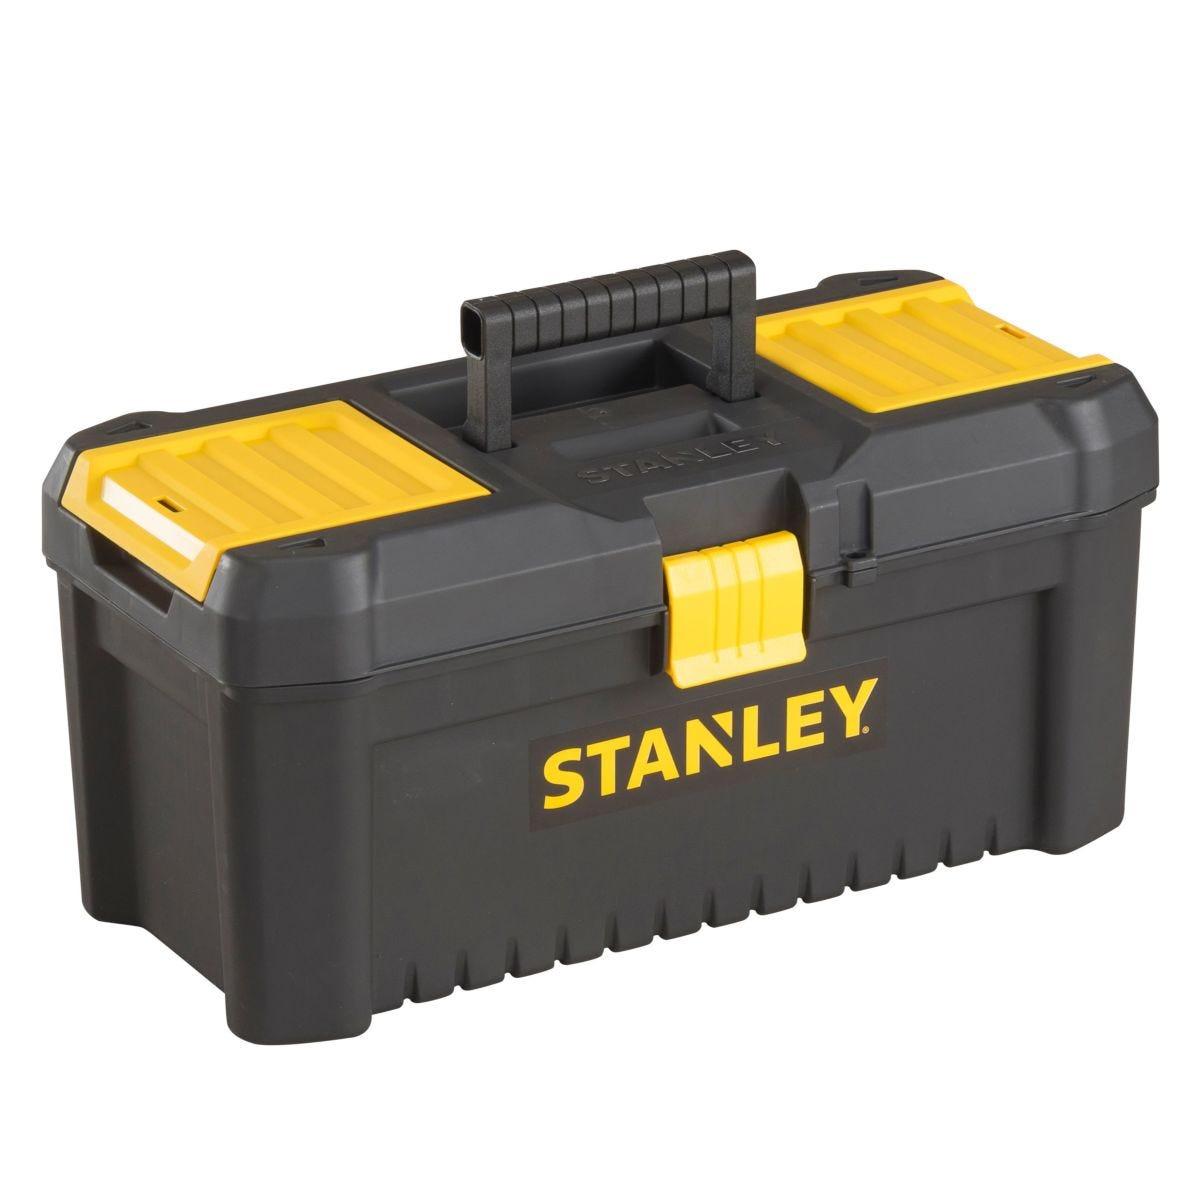 Stanley 19